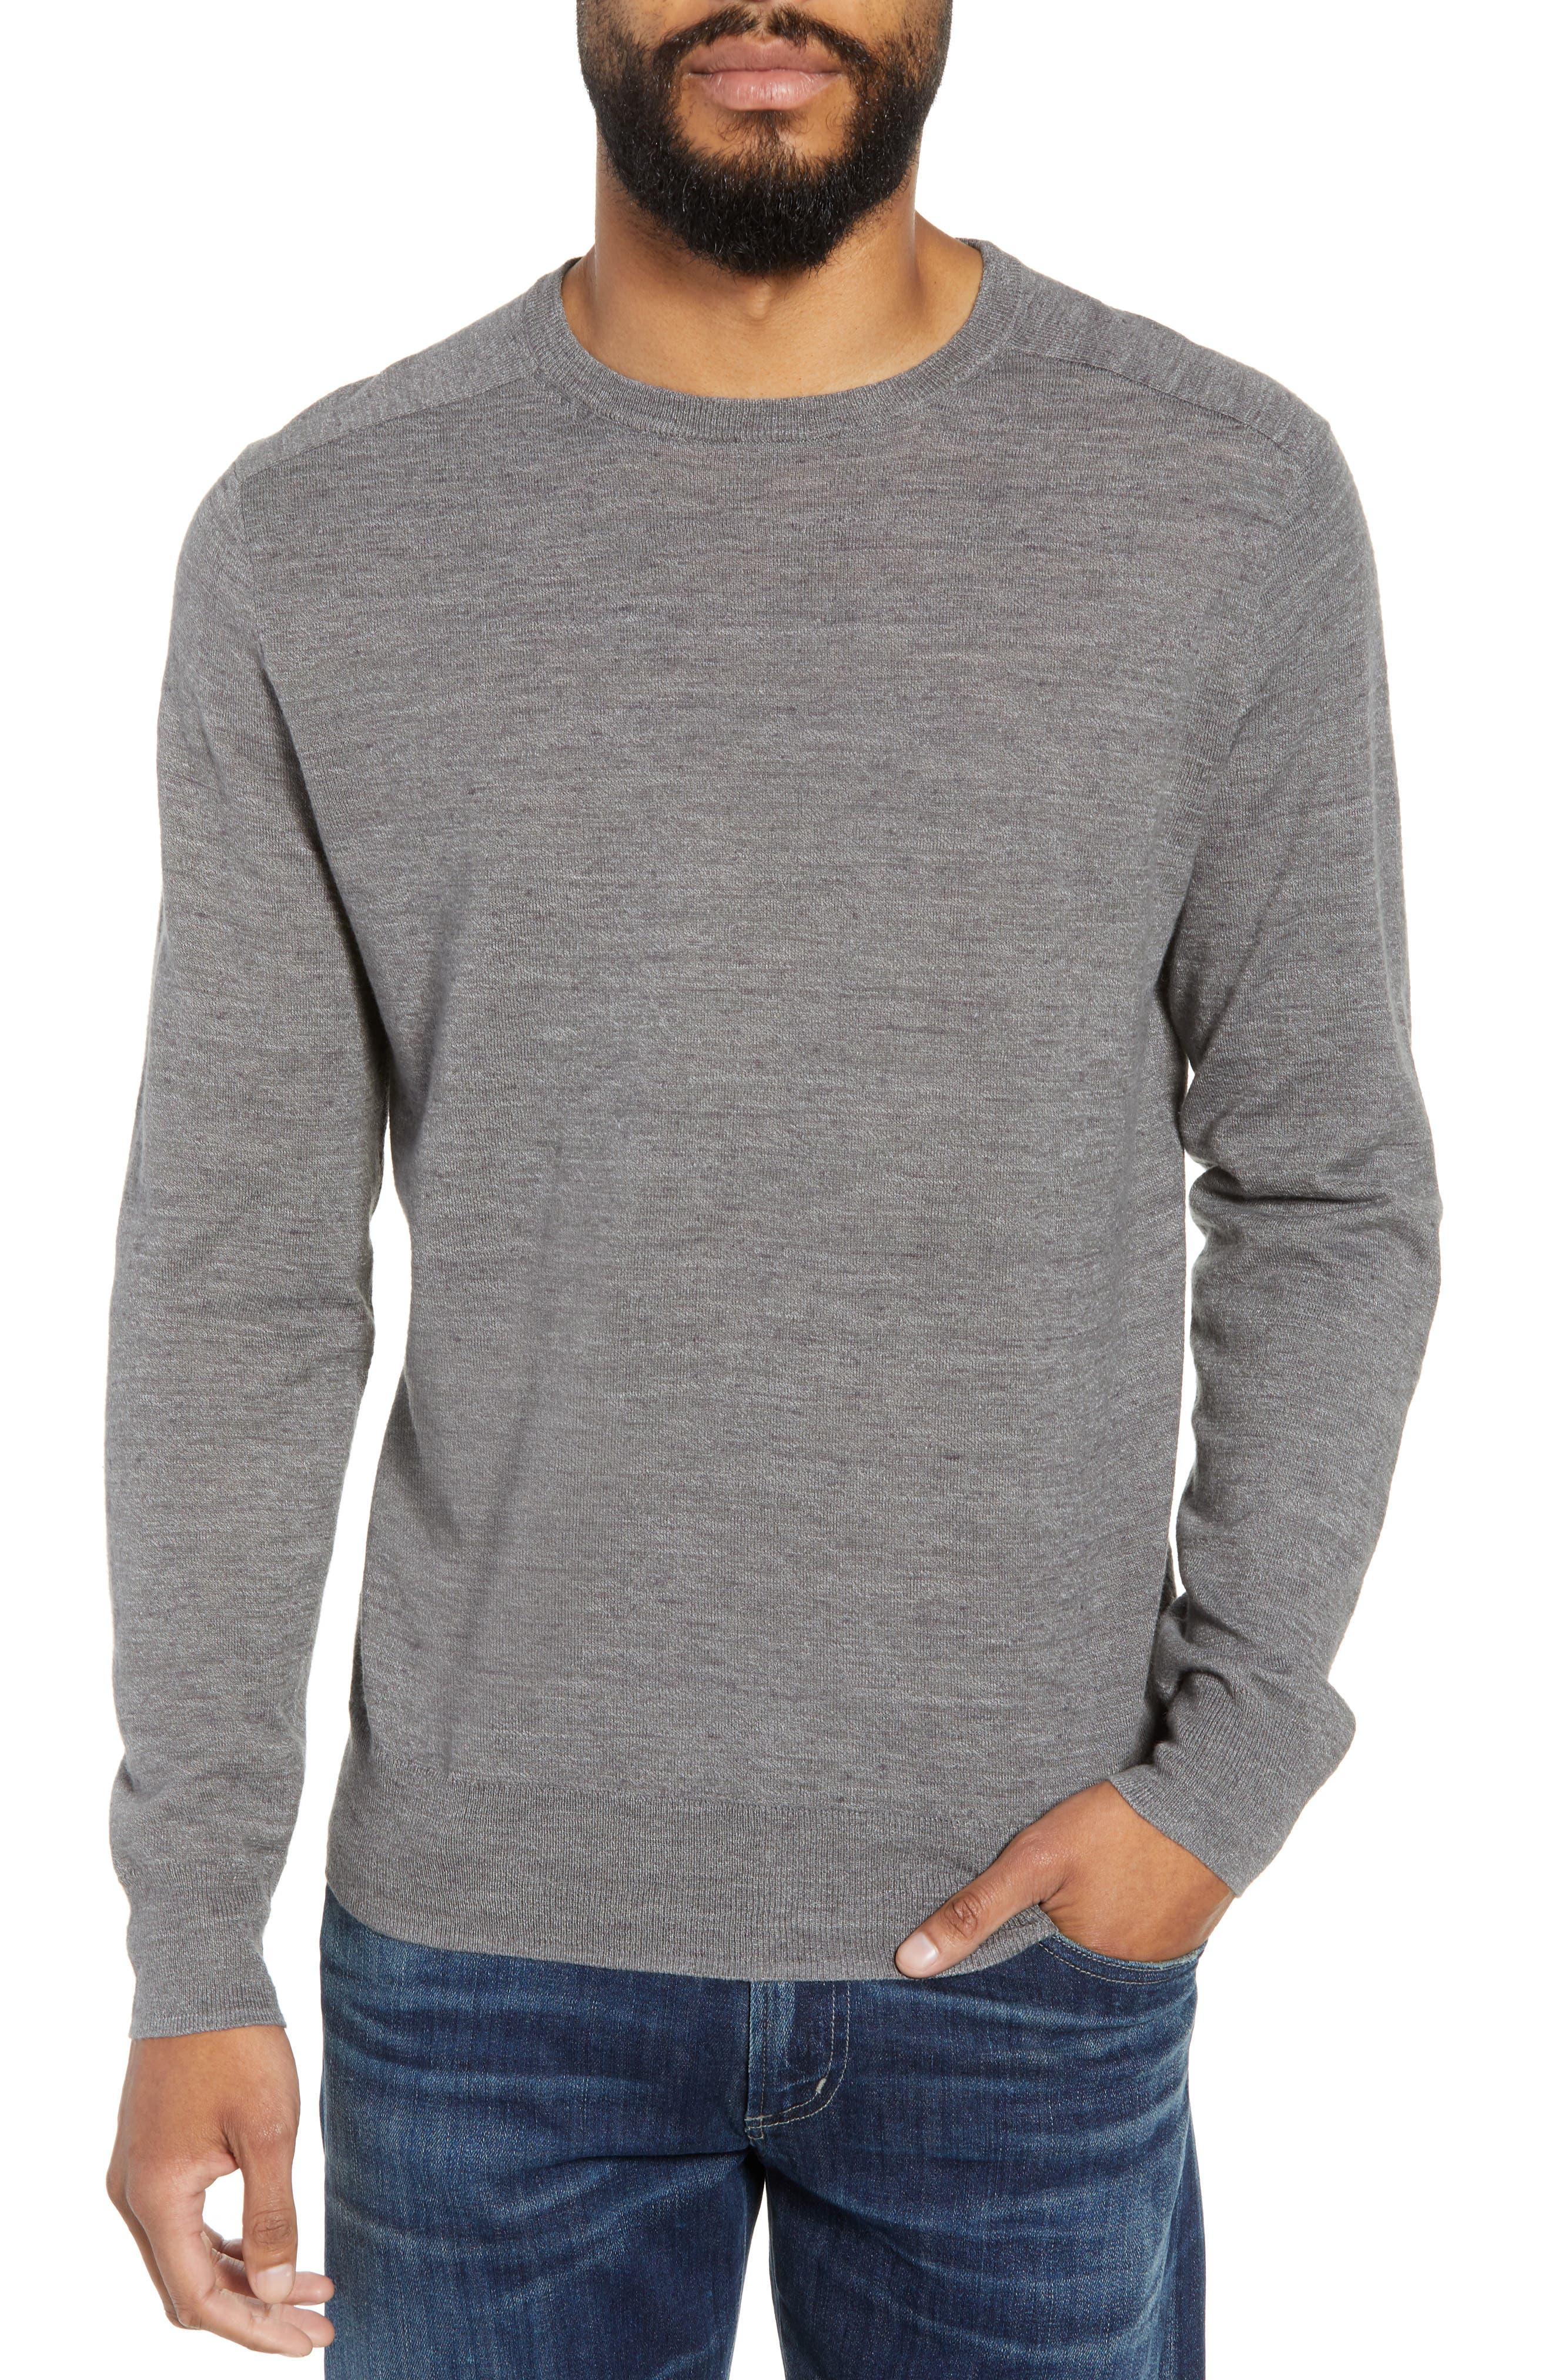 Cotton Blend Crewneck Sweater,                         Main,                         color,